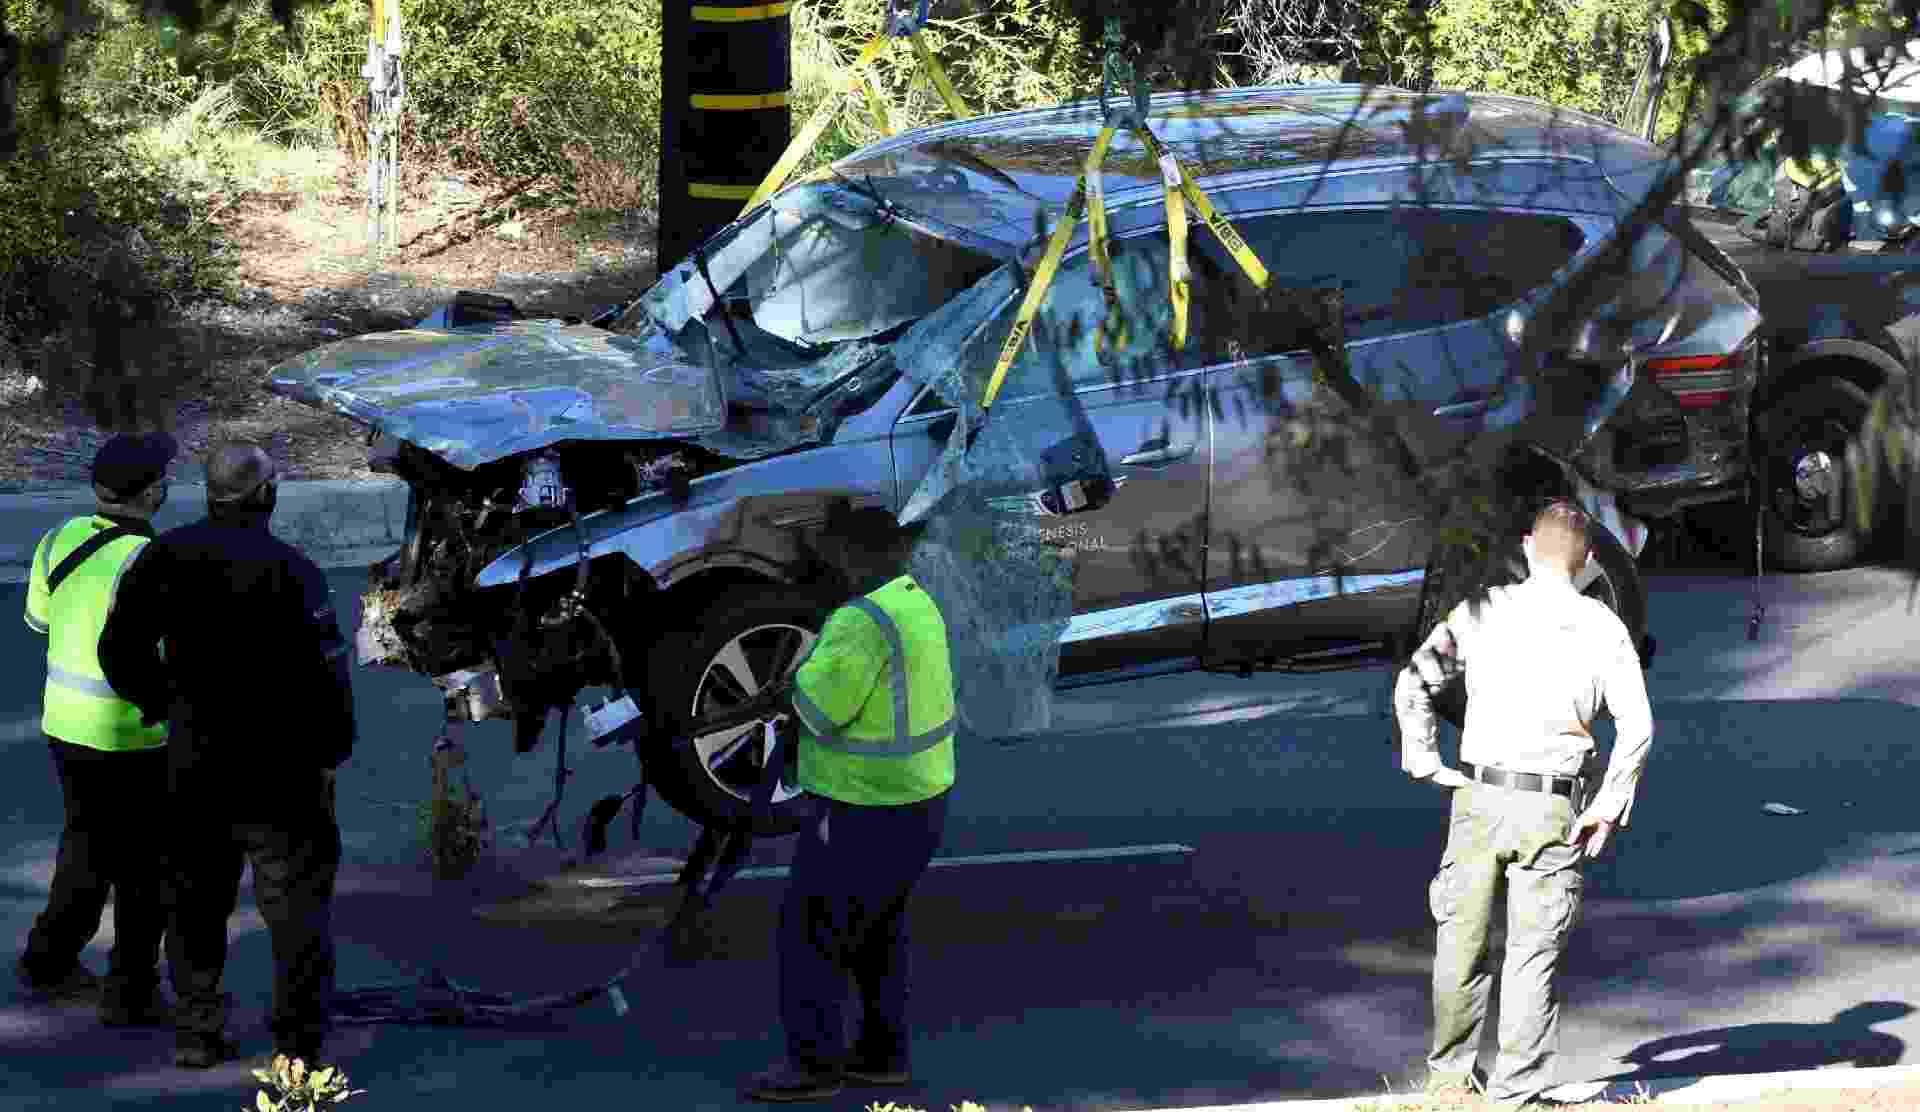 Carro de Tiger Woods precisou ser guinchado após acidente - GENE BLEVINS/REUTERS